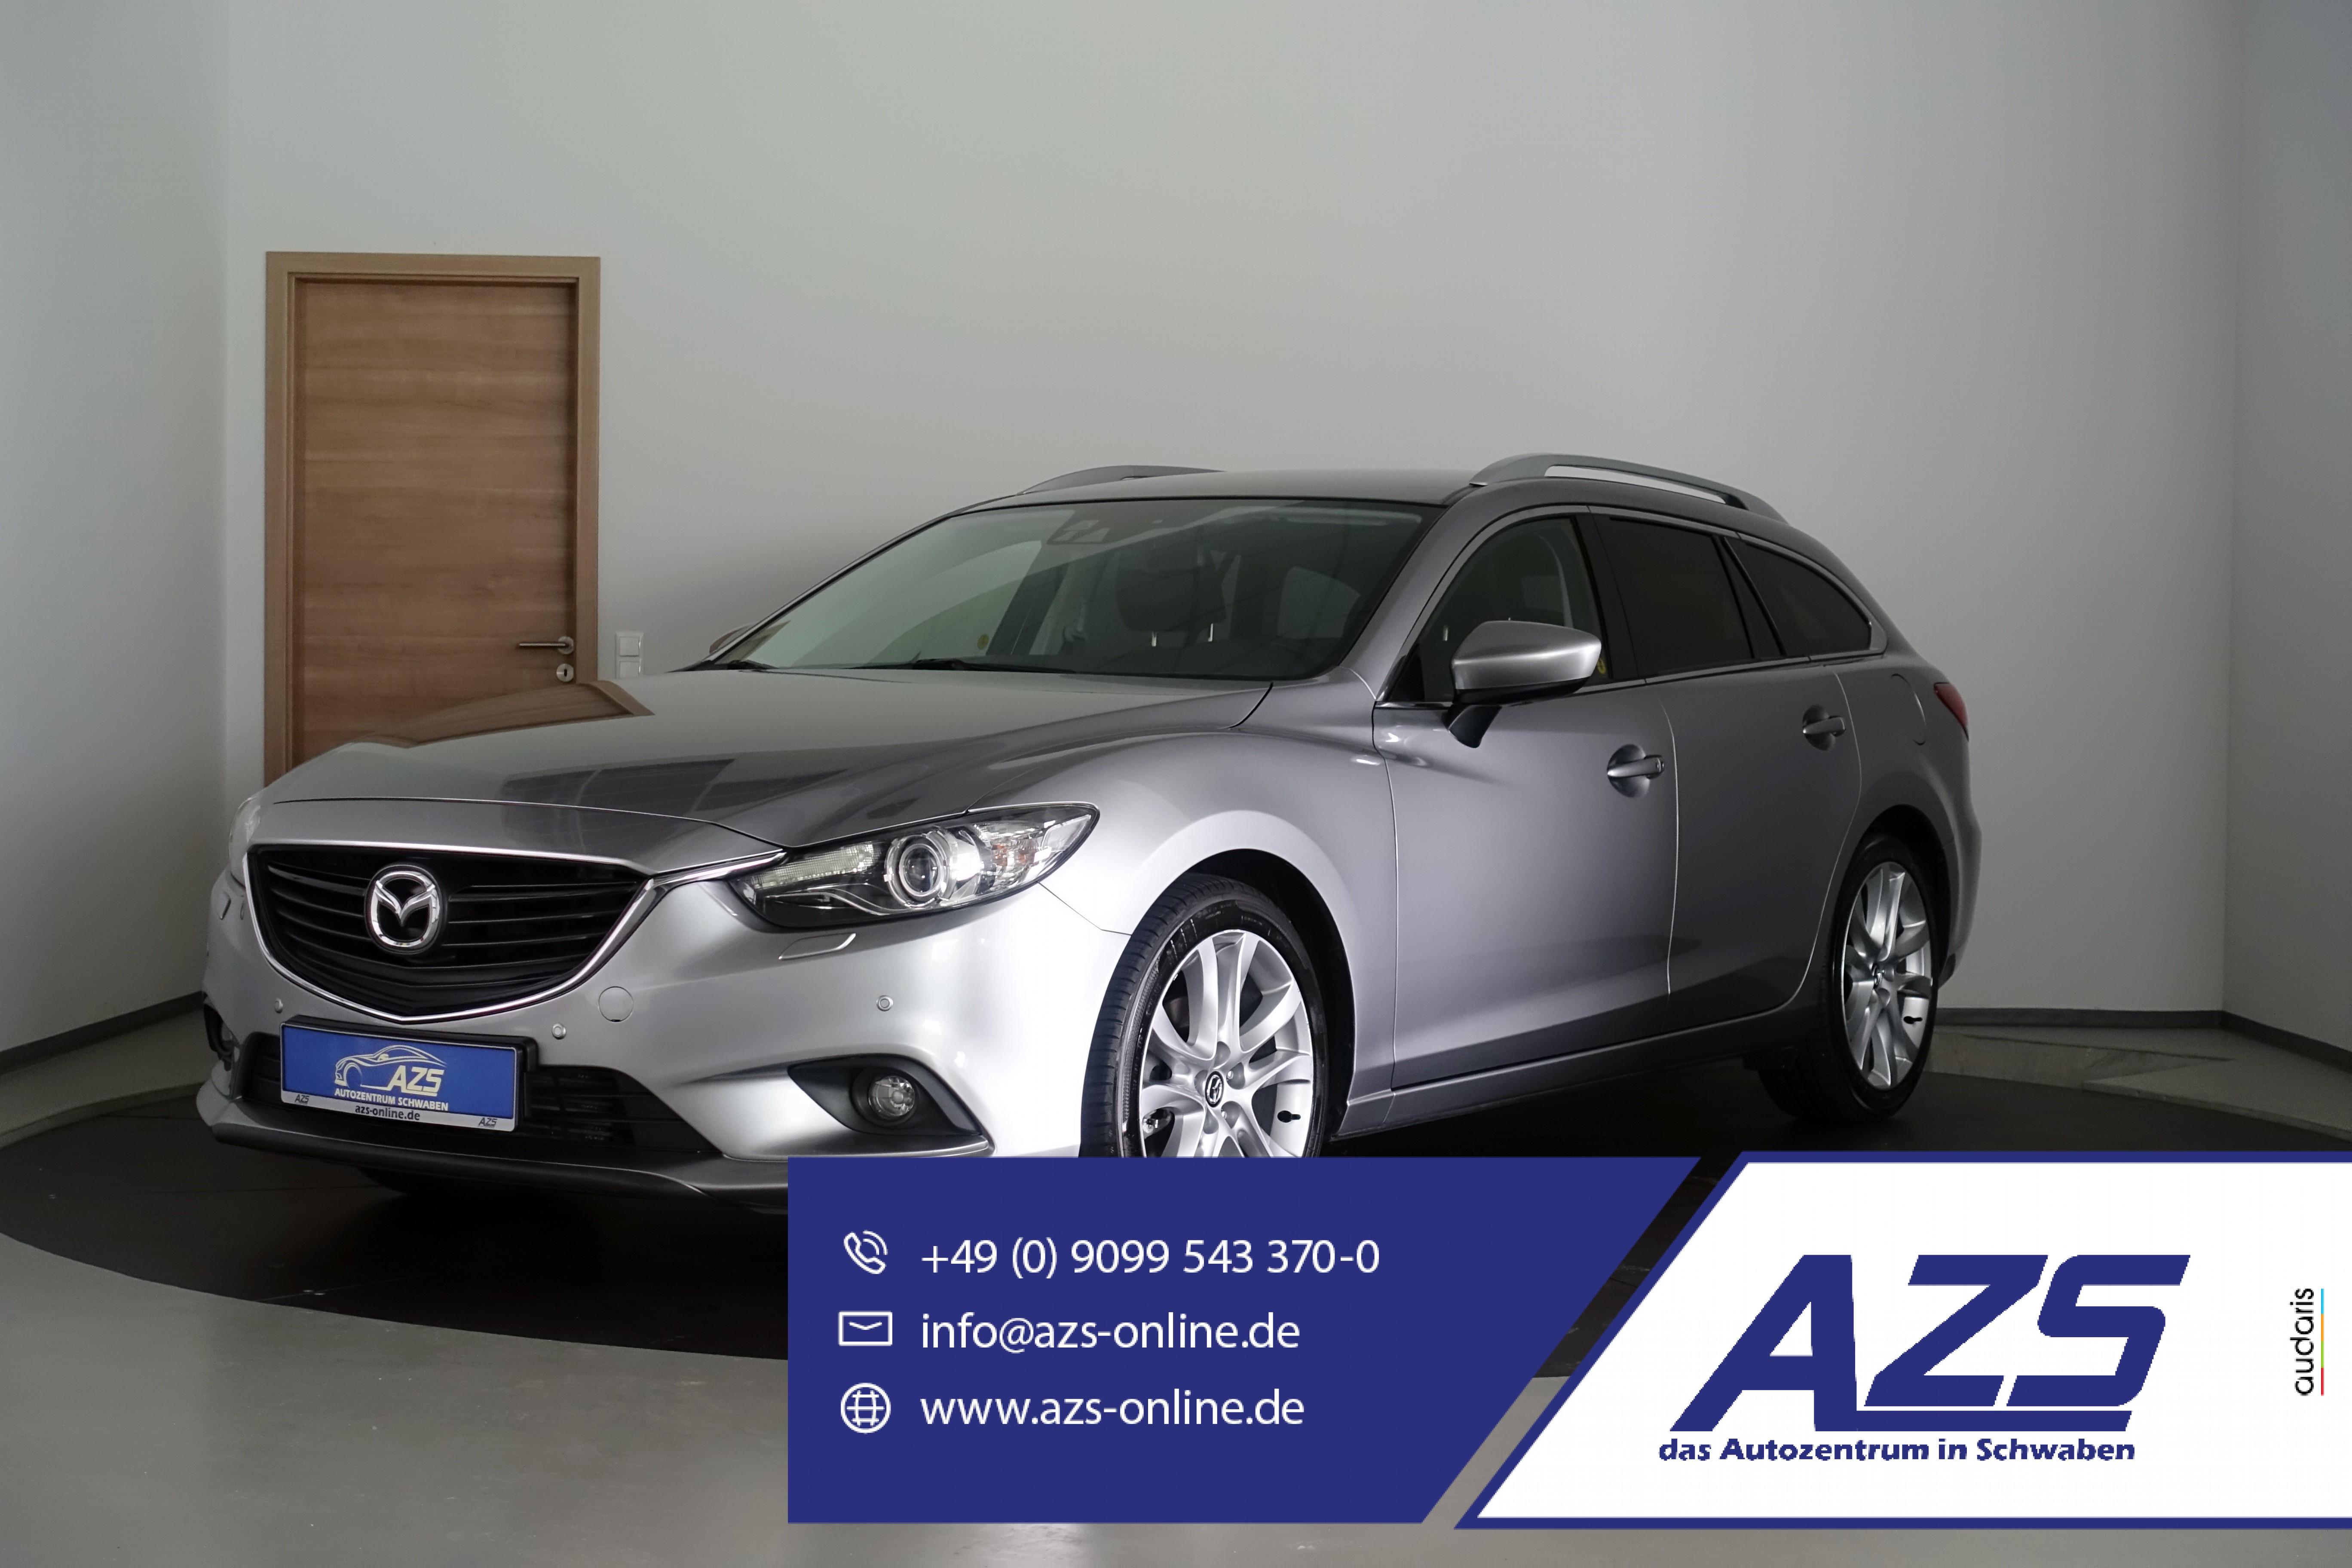 Mazda 6 Sports-Line   Leder   Navi   Bi-Xenon   AHK  , Jahr 2014, Diesel